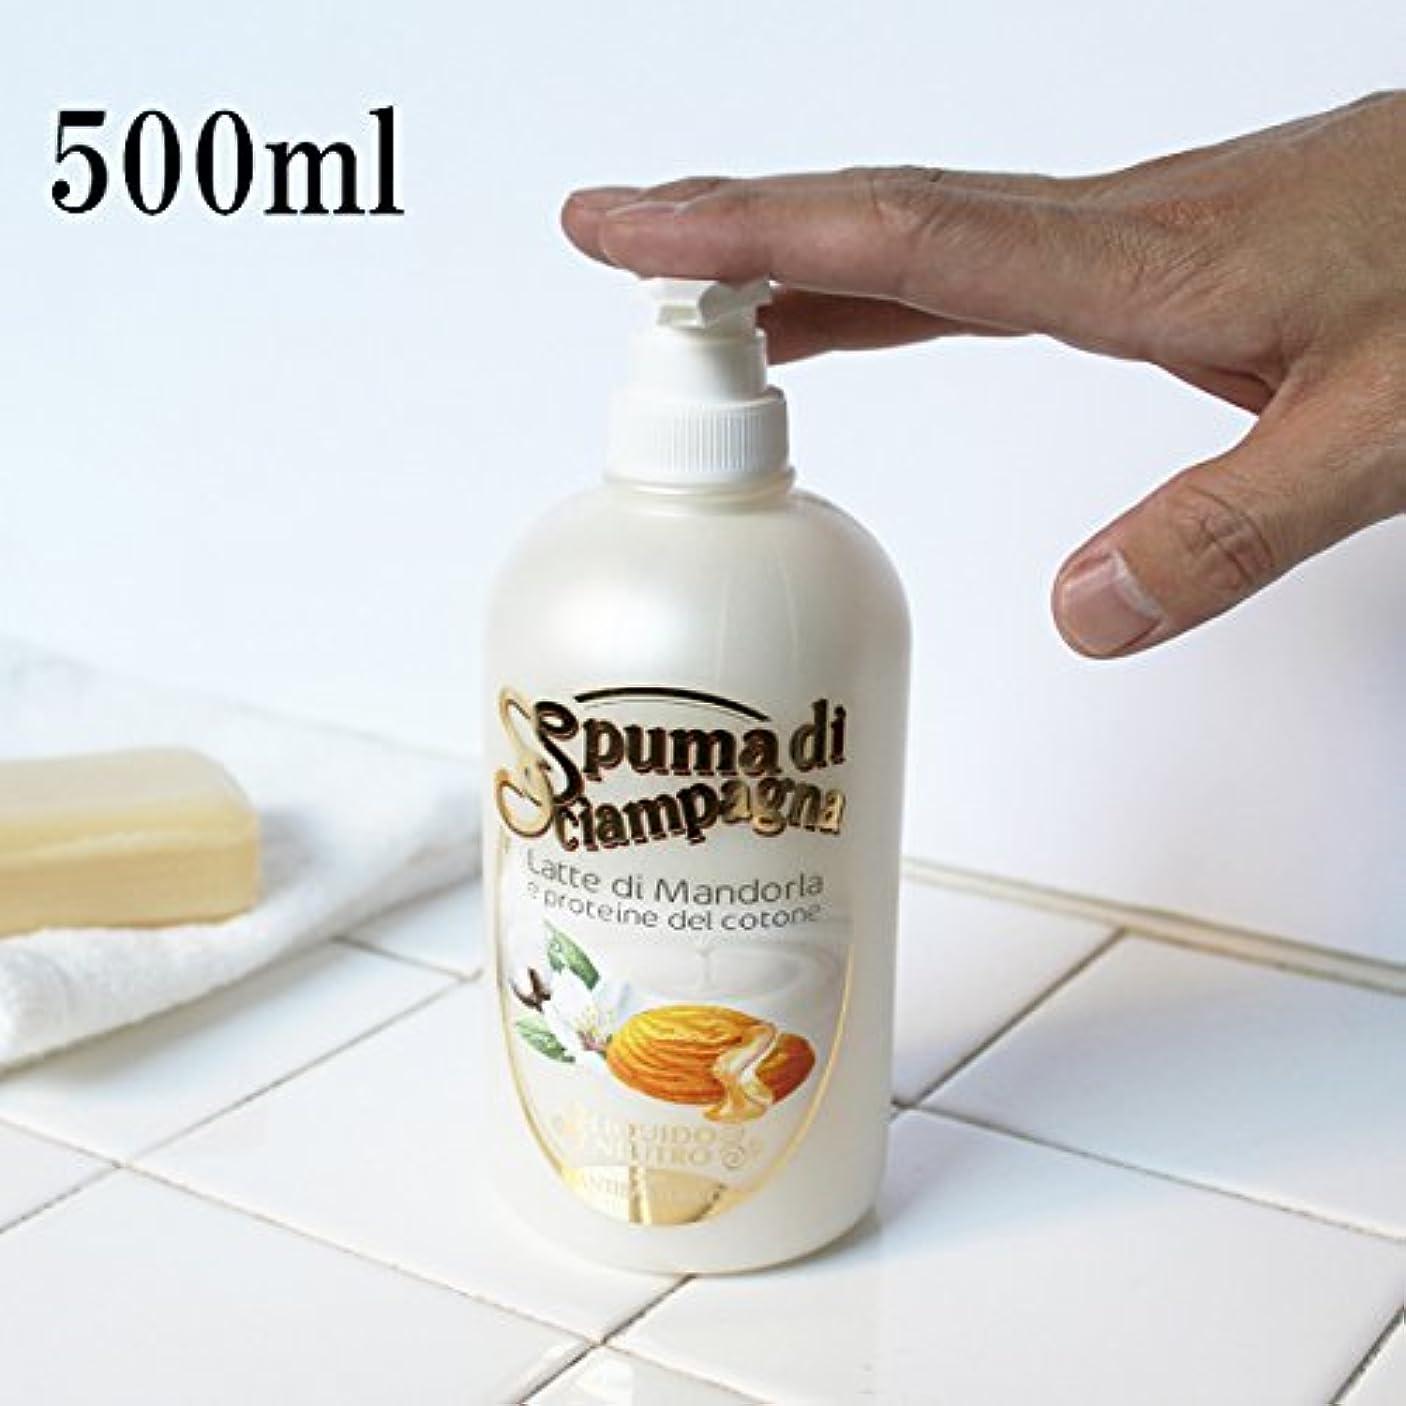 女の子小切手文庫本Spuma di Sciampagna (スプーマ ディ シャンパーニャ) リキッドソープ 500ml アーモンドの香り